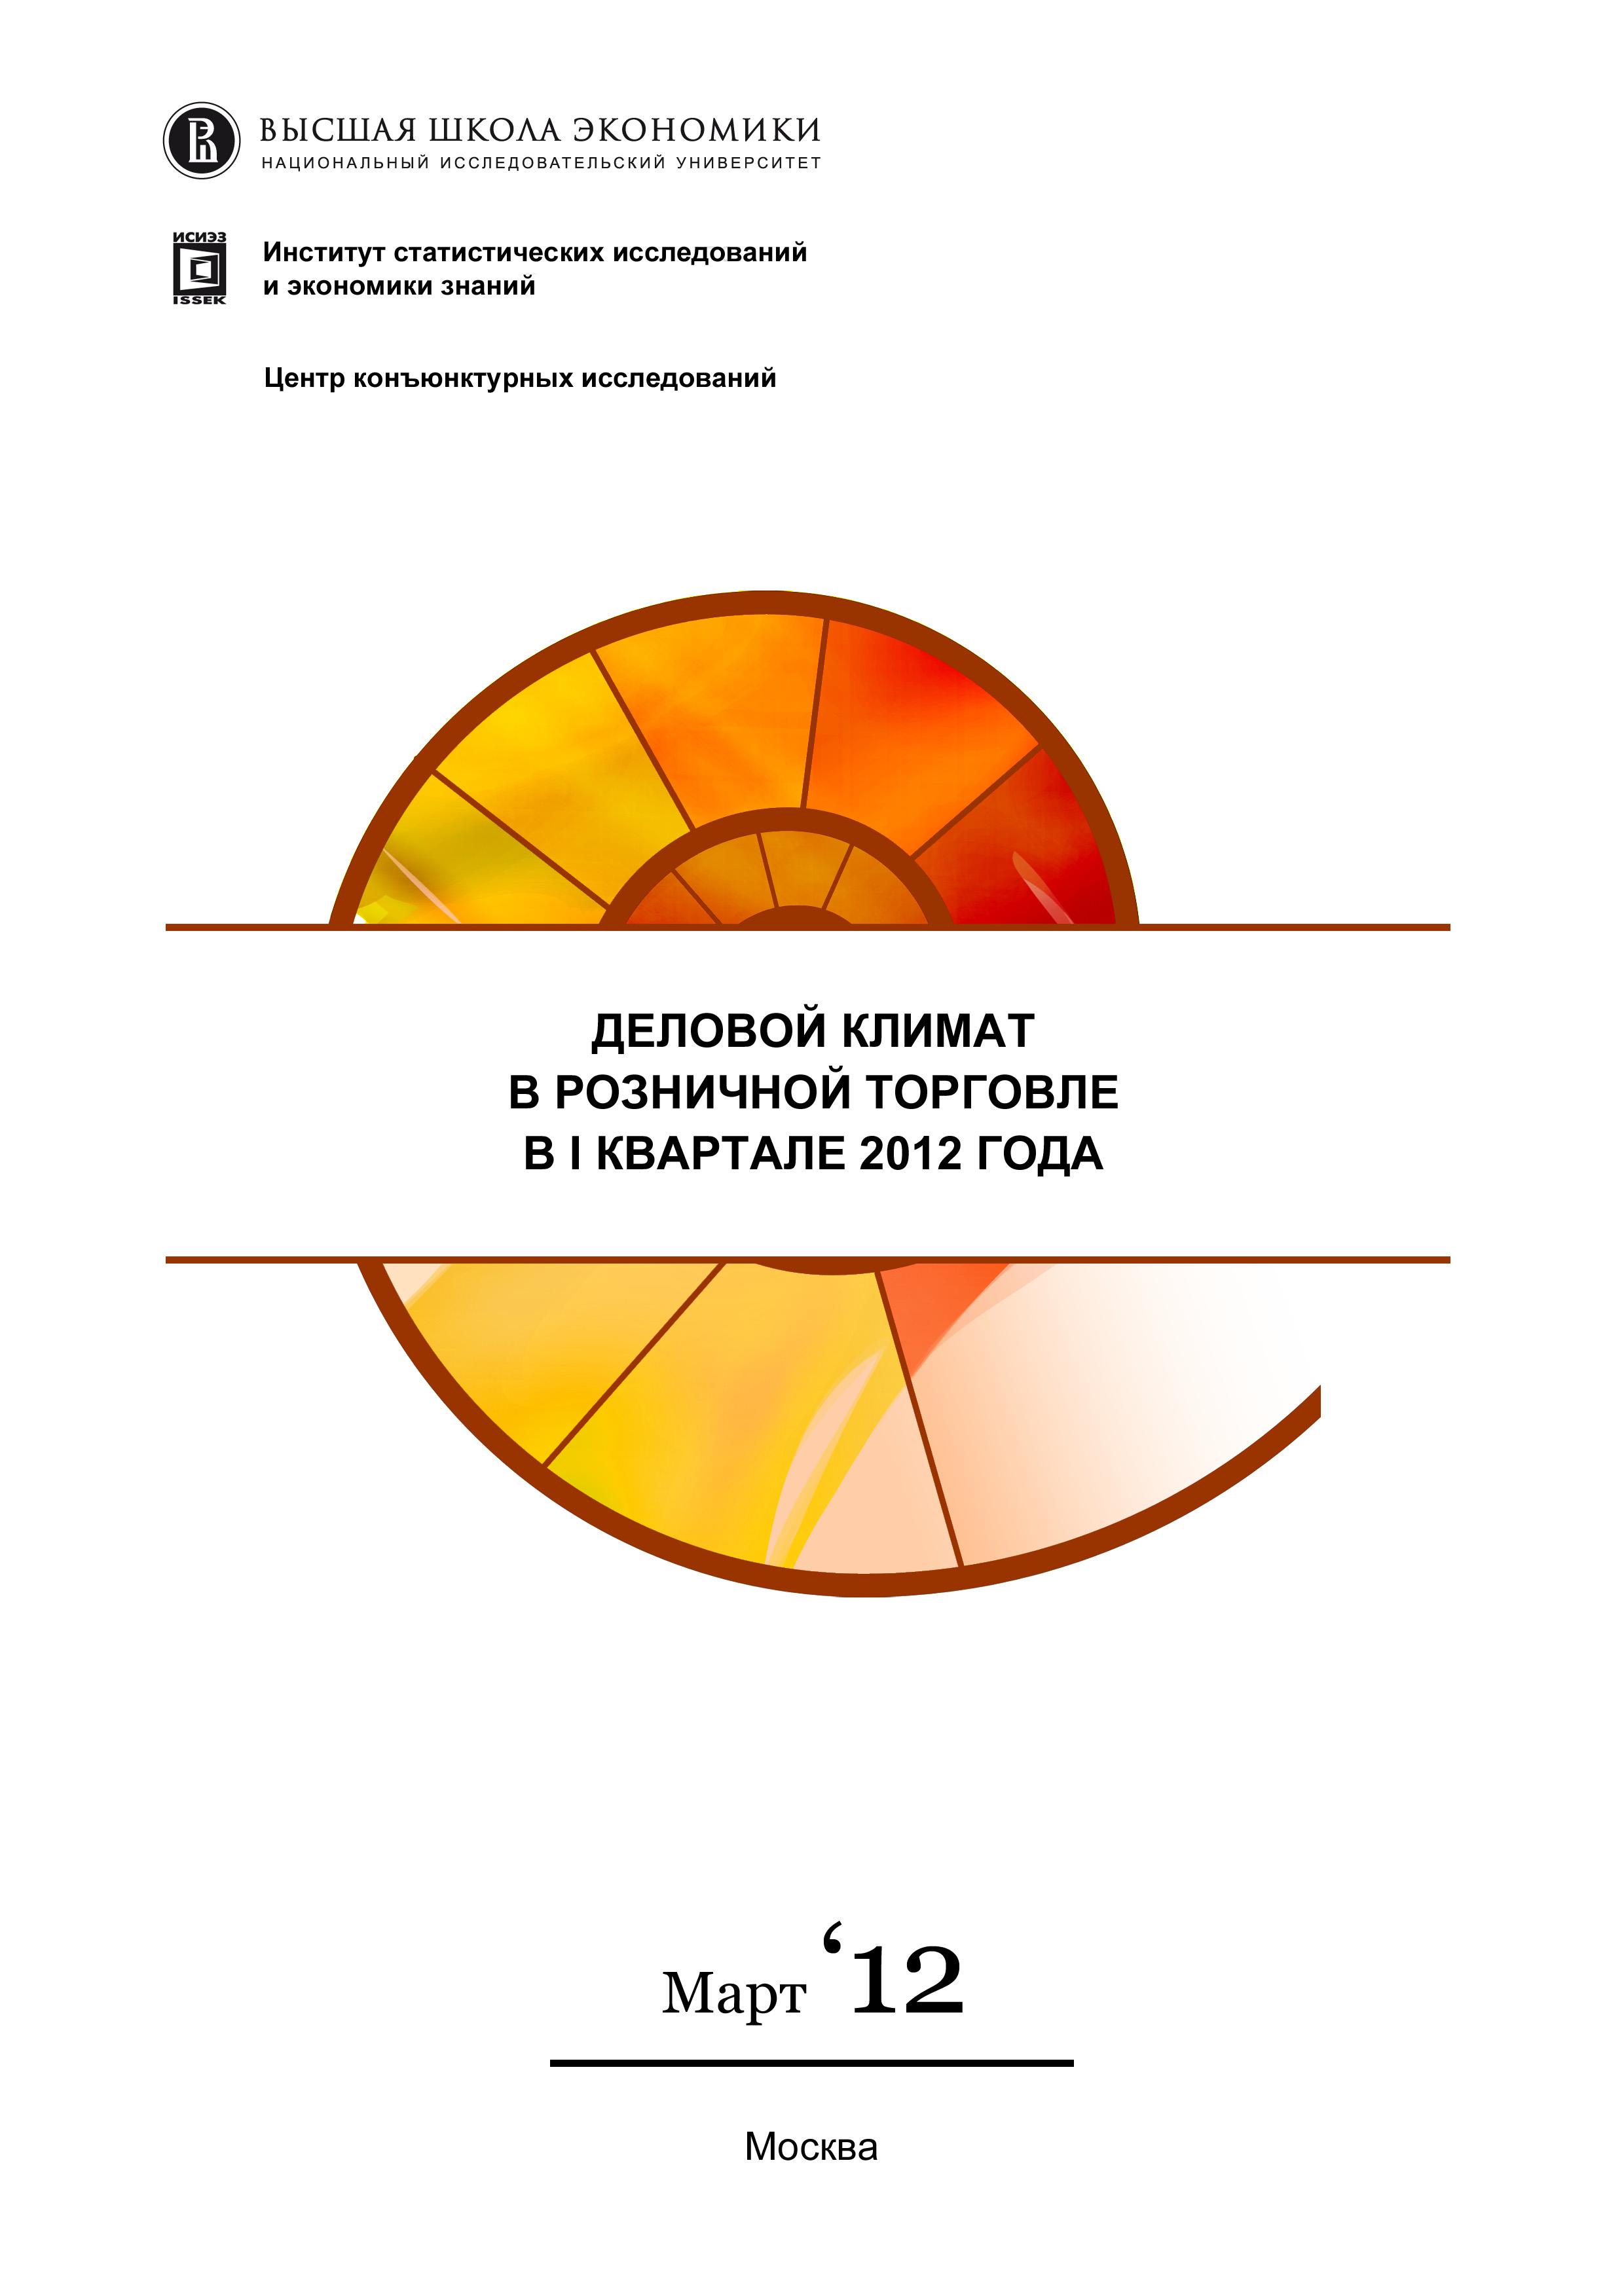 Деловой климат в розничной торговле в I квартале 2012 года